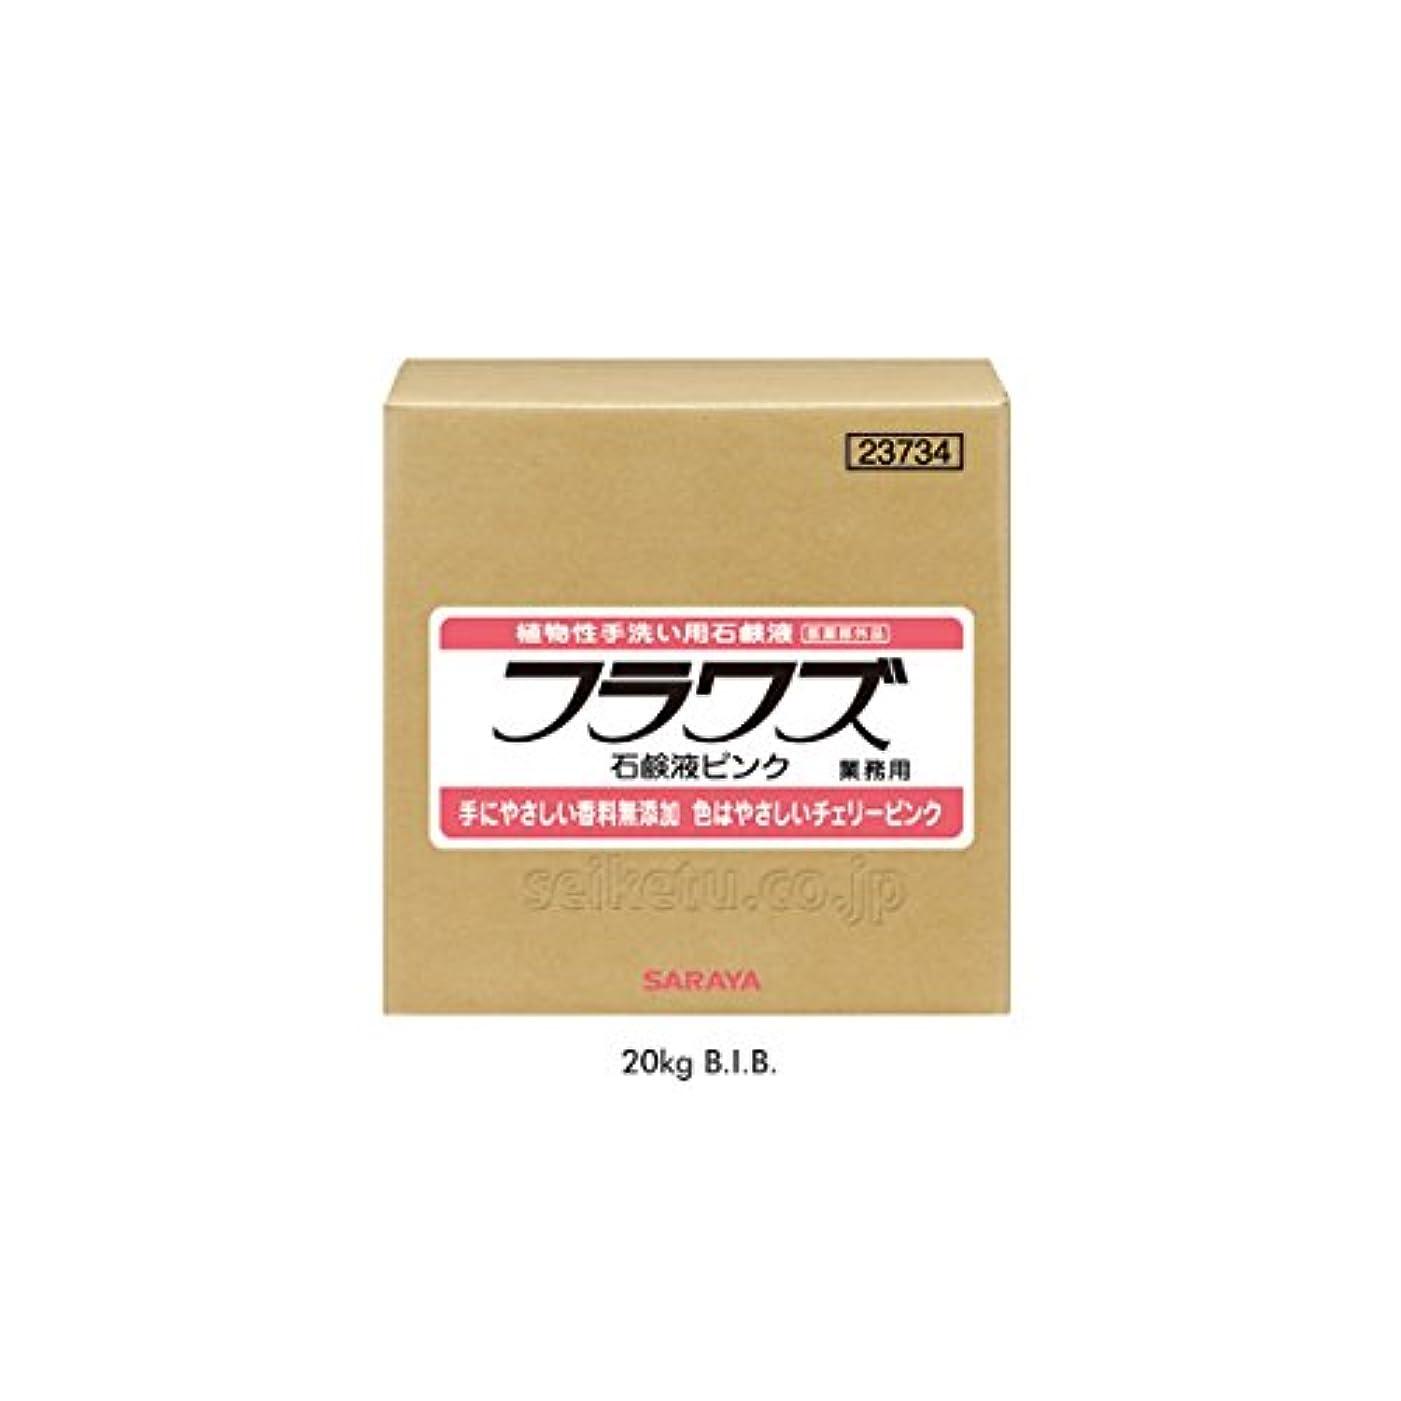 改修労働規模【清潔キレイ館】サラヤ フラワズ石鹸液ピンク(20kg)